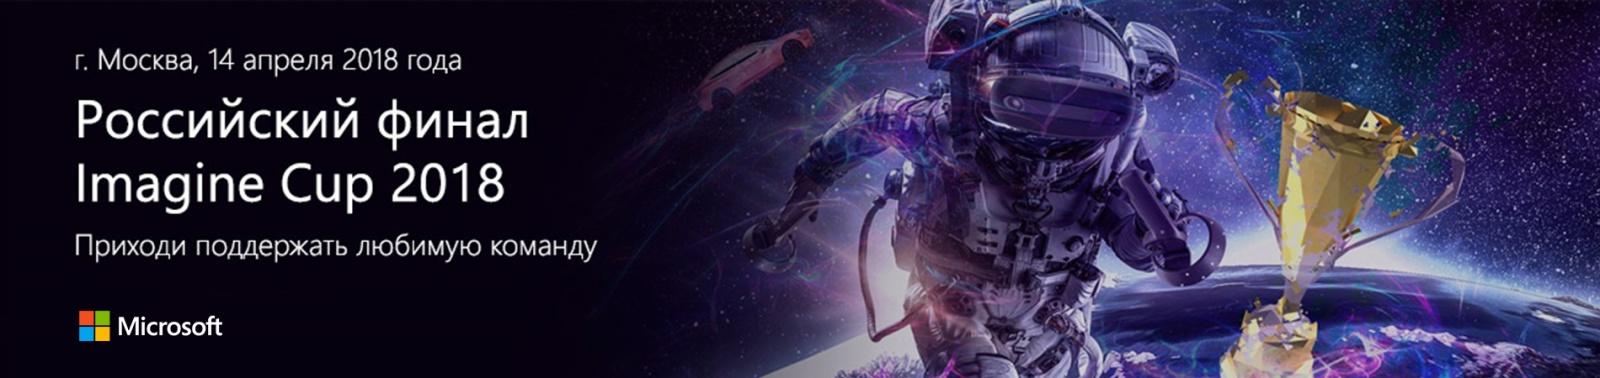 А у нас будет настоящий космонавт! На Imagine Cup 2018 - 1